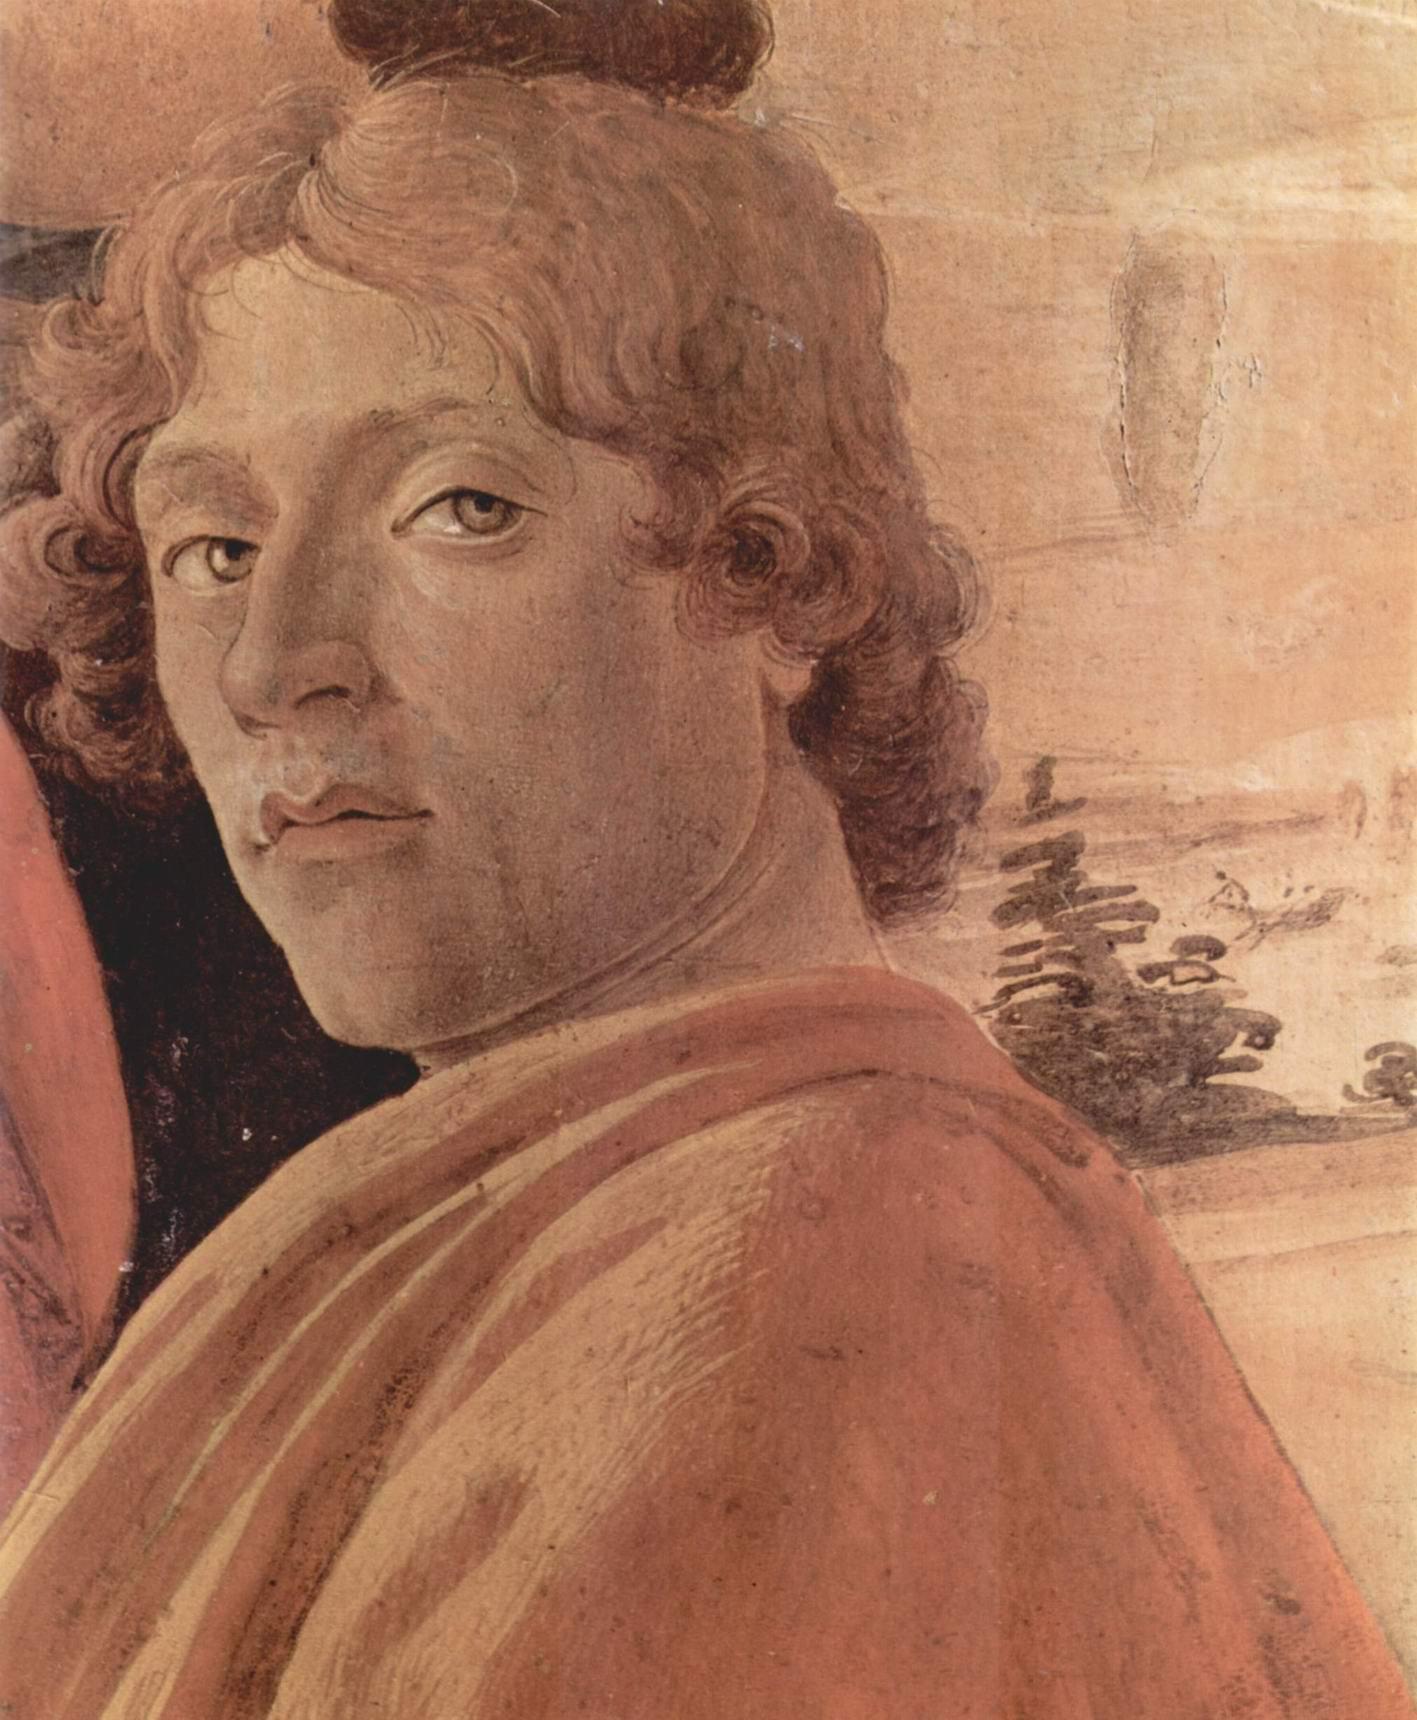 Автопортрет, фрагмент алтарной композиции, Сандро Боттичелли